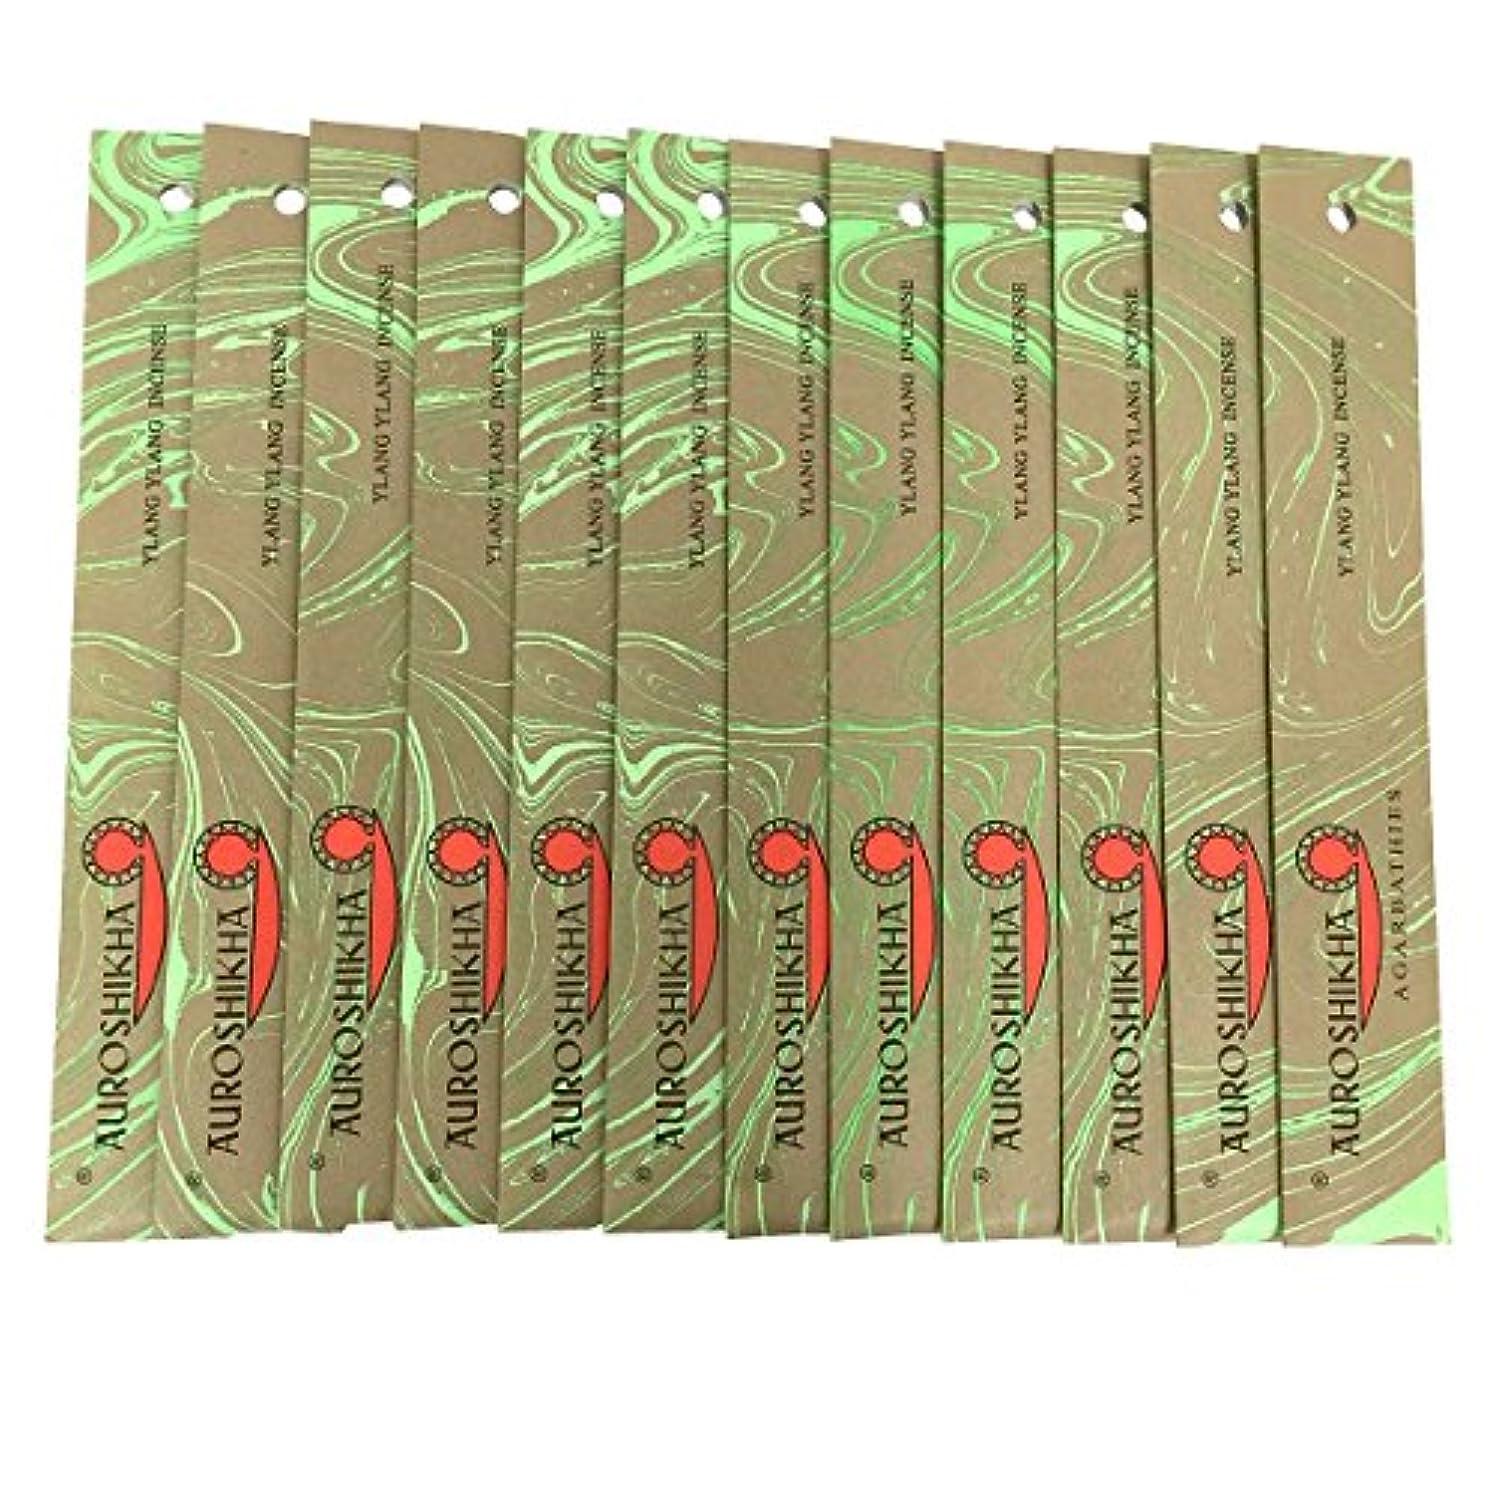 弾薬告白する遠近法AUROSHIKHA オウロシカ(YLANG YLANGイランイラン12個セット) マーブルパッケージスティック 送料無料